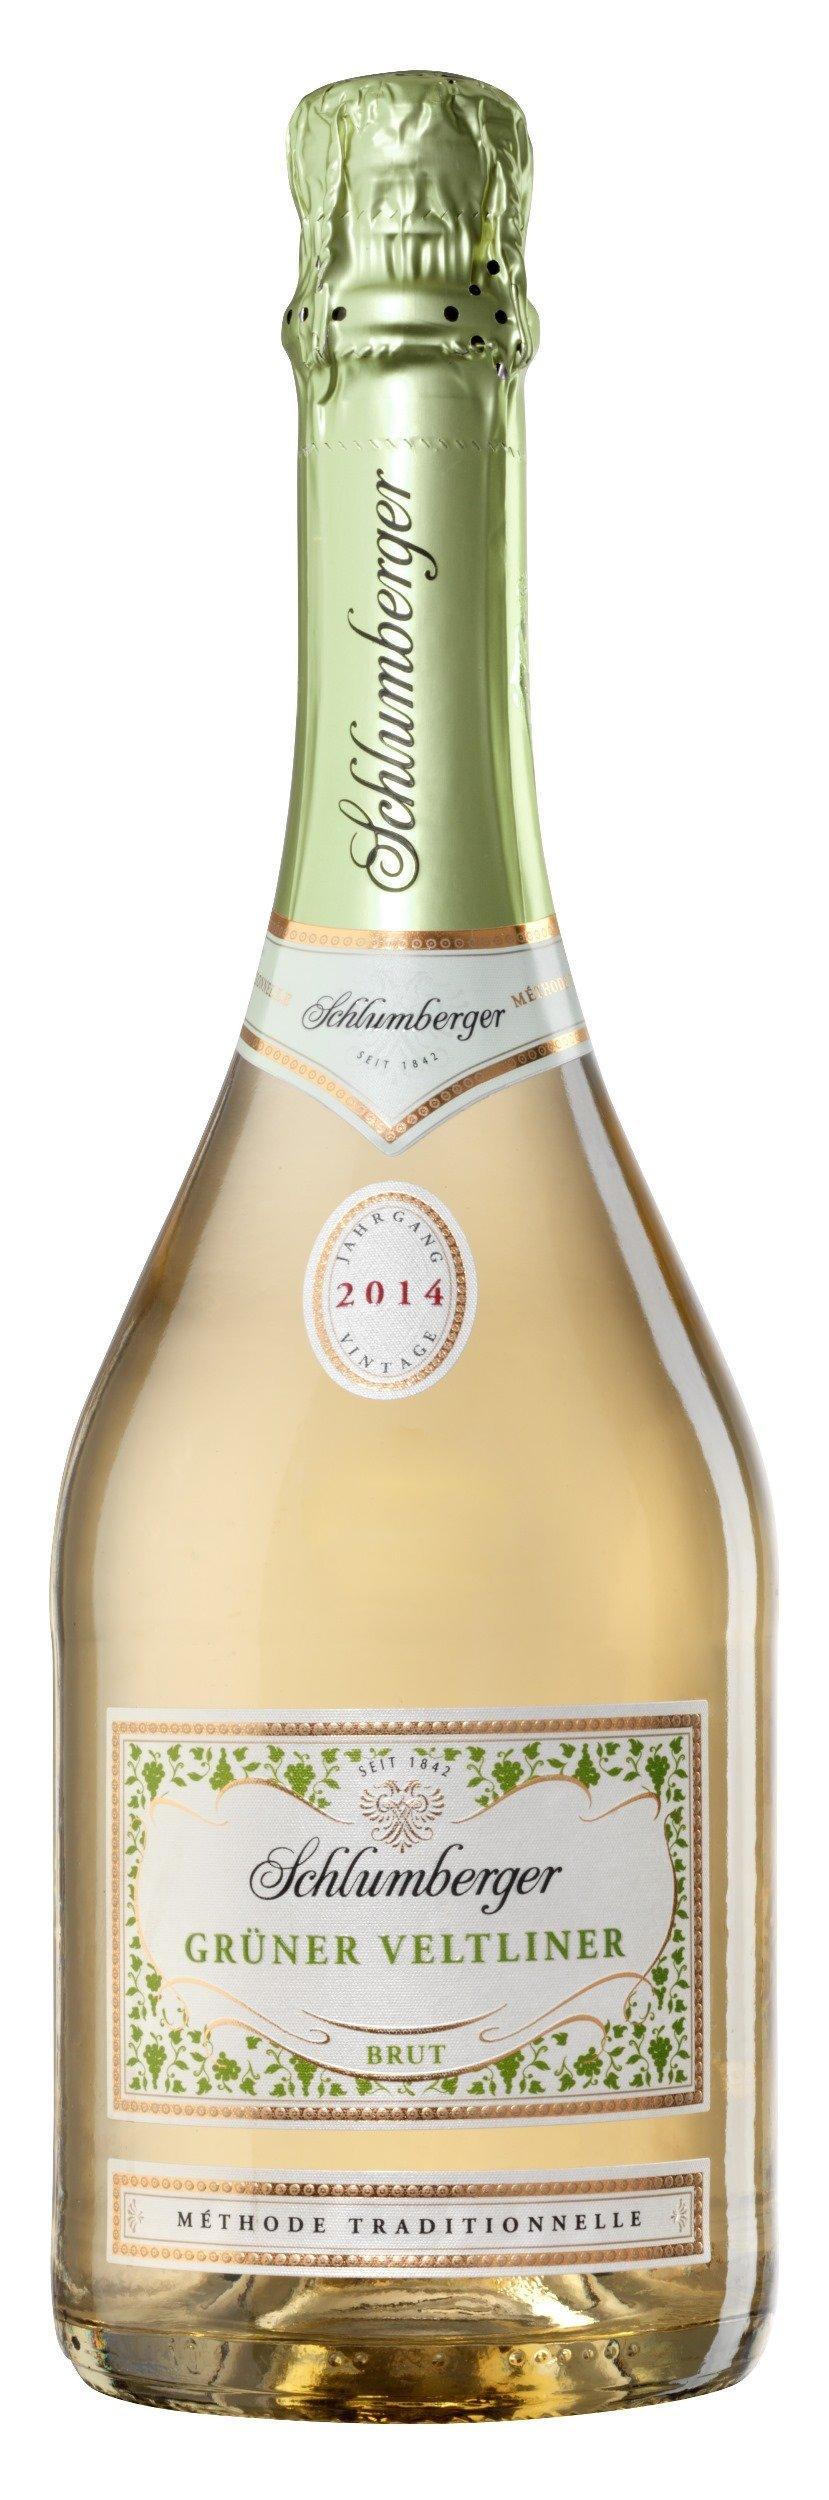 Schlumberger-Grner-Veltliner-Mthode-Traditionnelle-075l